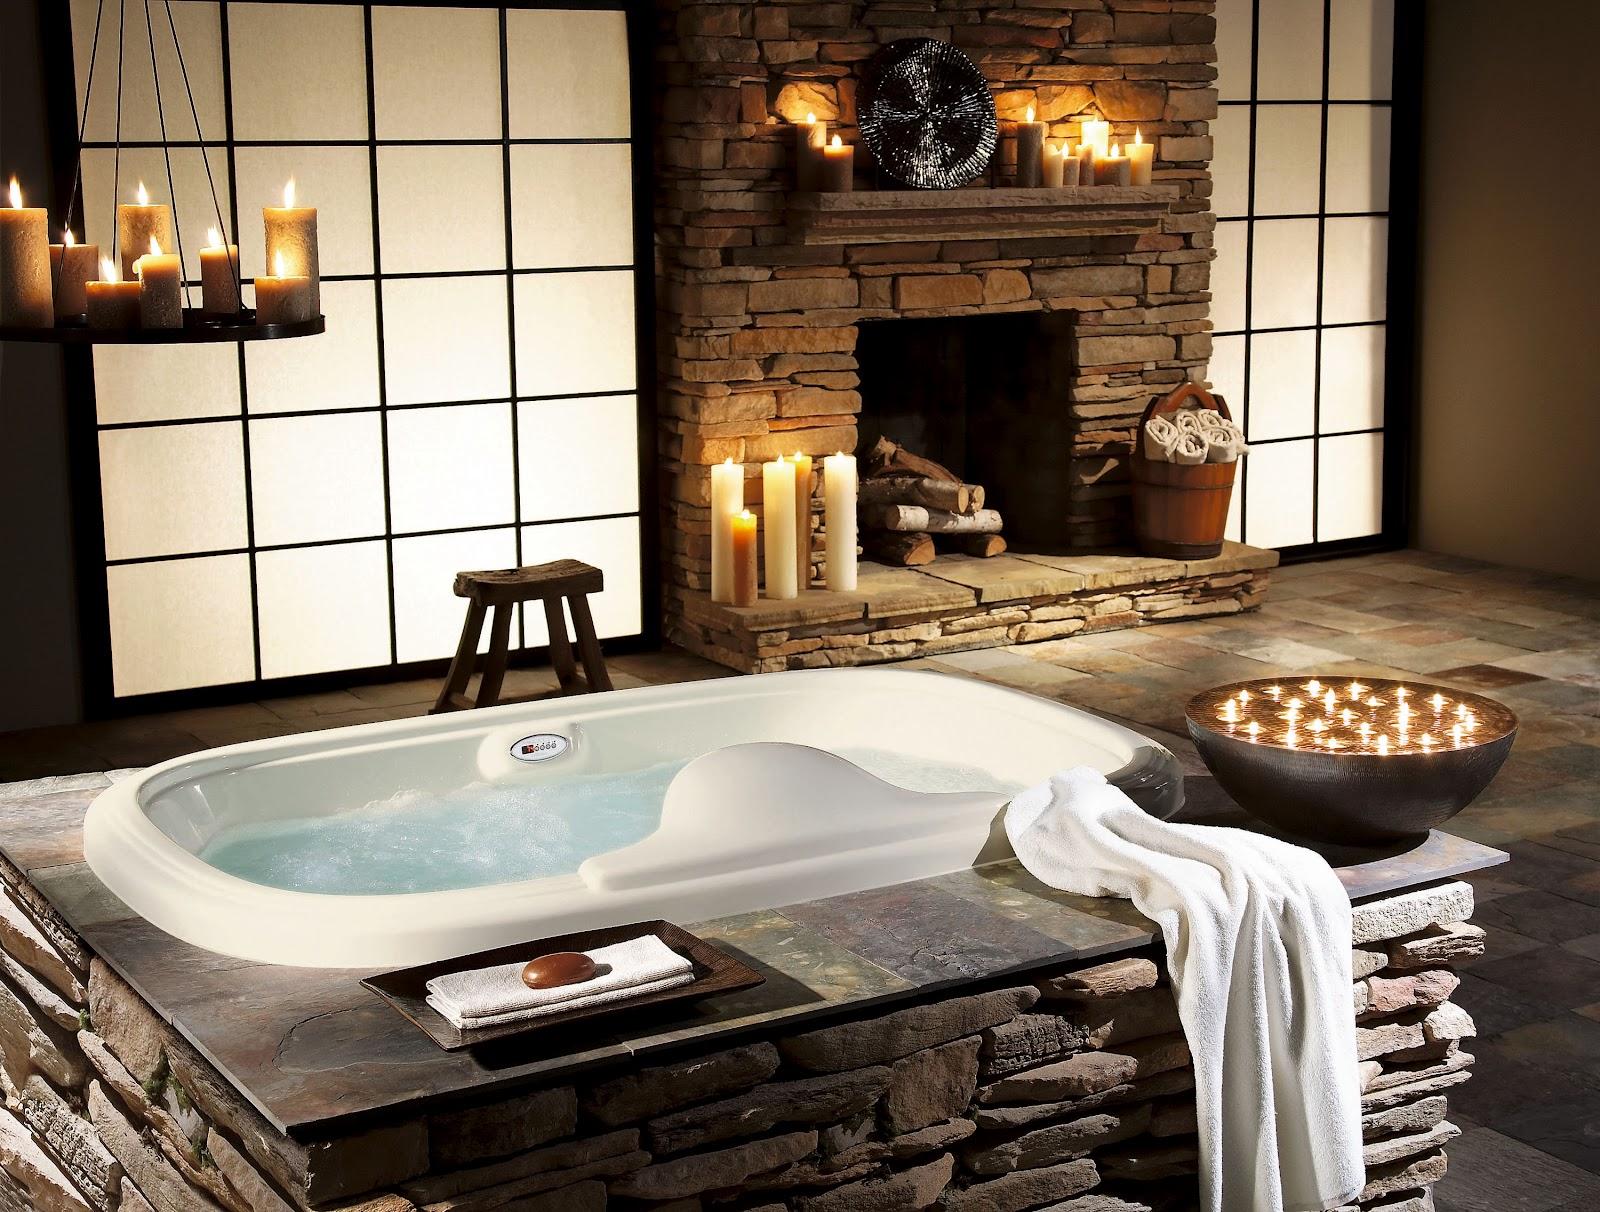 Атмосфера уюта и комфорта:Свечи в дизайне интерьера